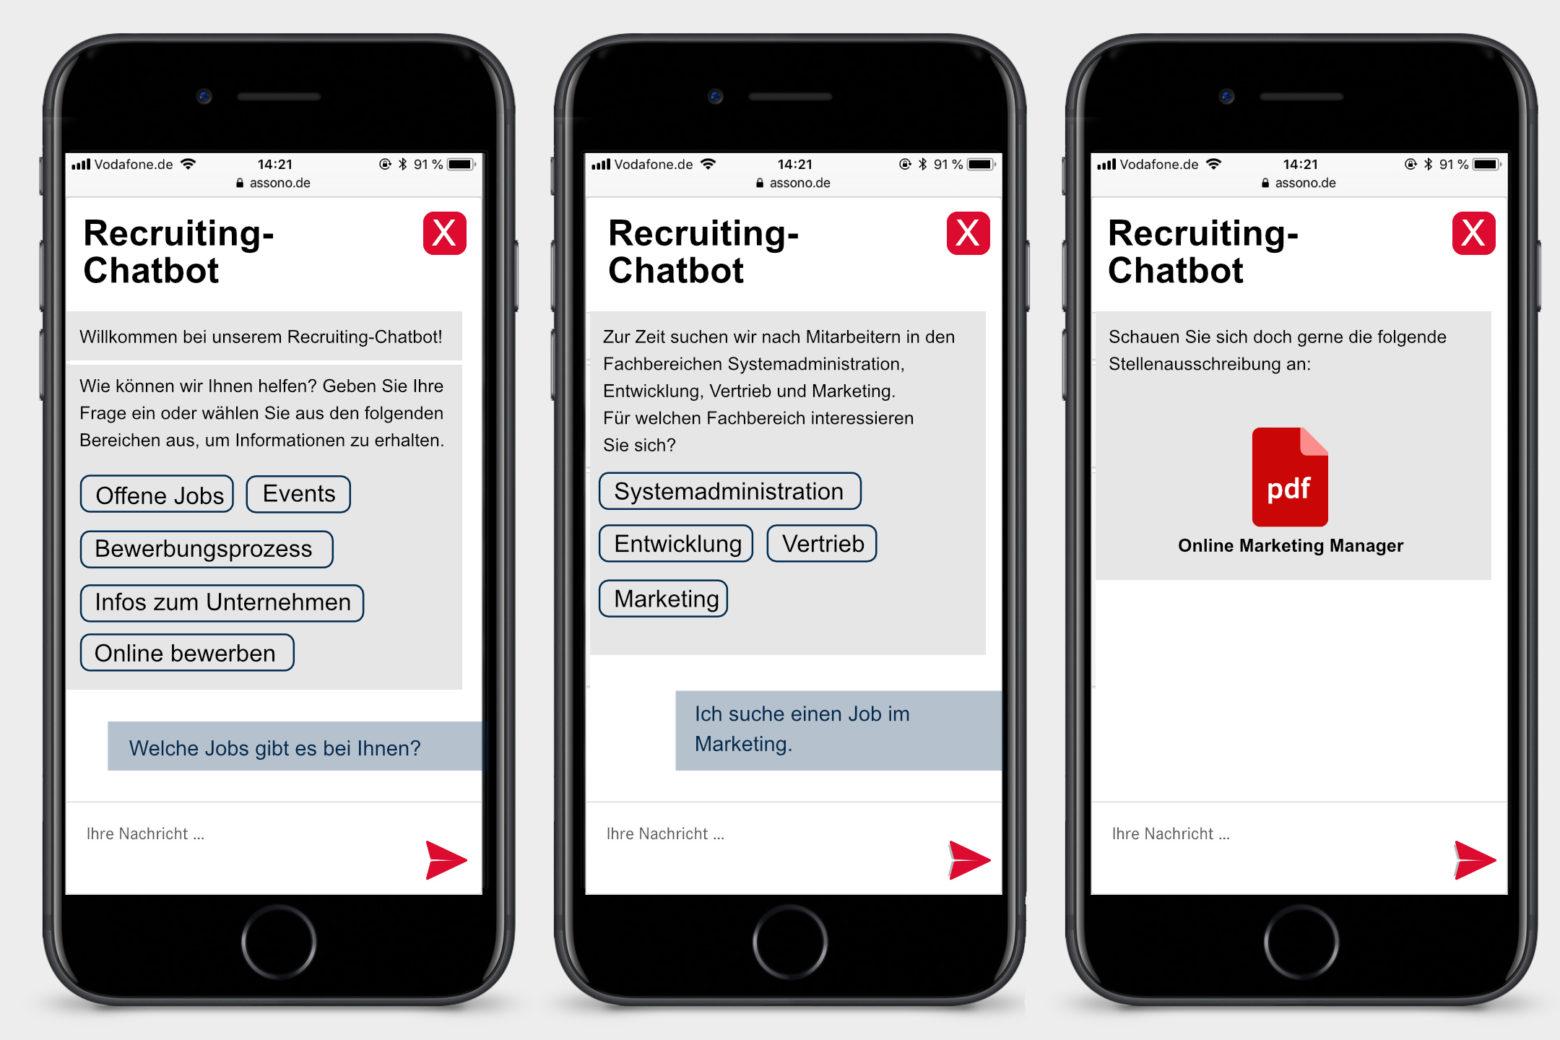 assono Chatbot im Recruiting: Schnell und einfach Informationen zum Thema Bewerbungen erhalten